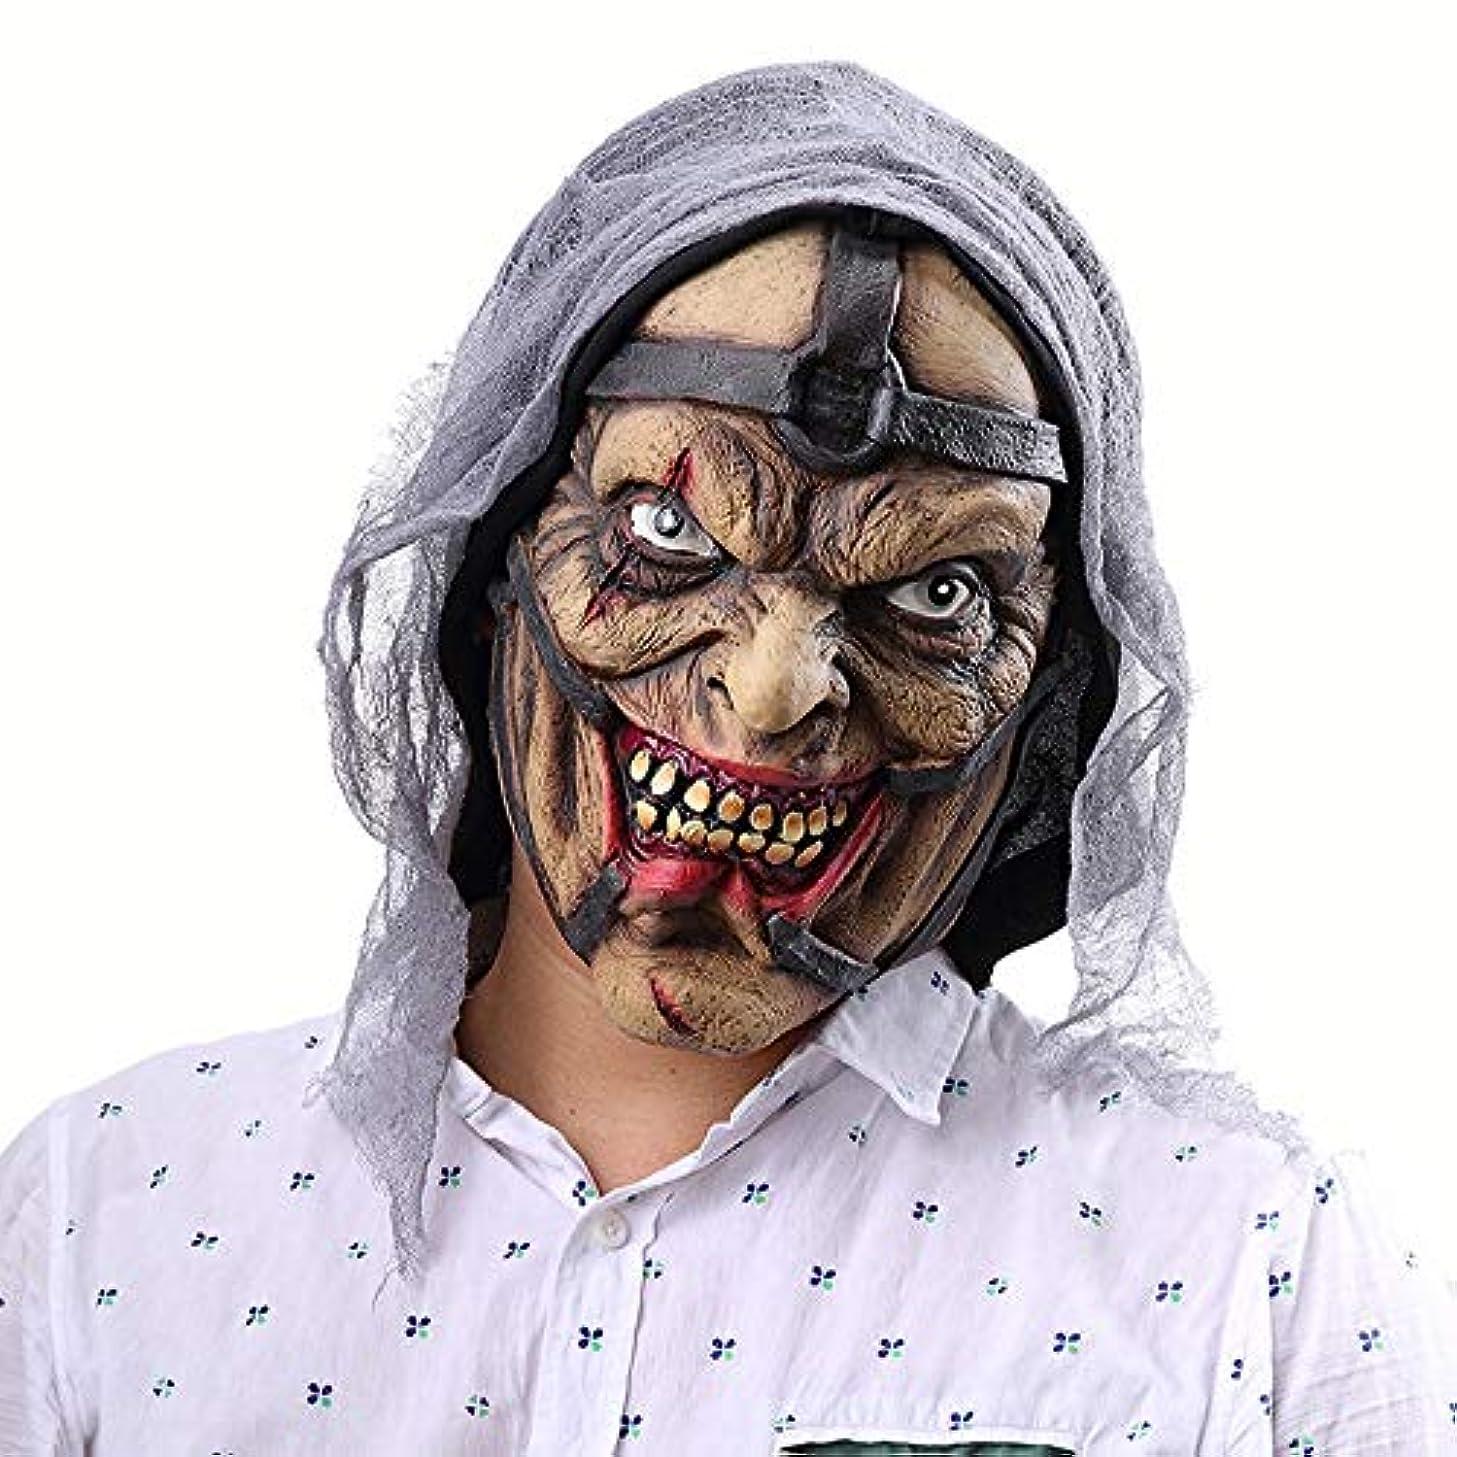 パッチ裏切りなだめるハロウィンホラーソーサレスポケモンマンマスクアマゾン外国為替ラテックスゴーストマスクヘッドギア